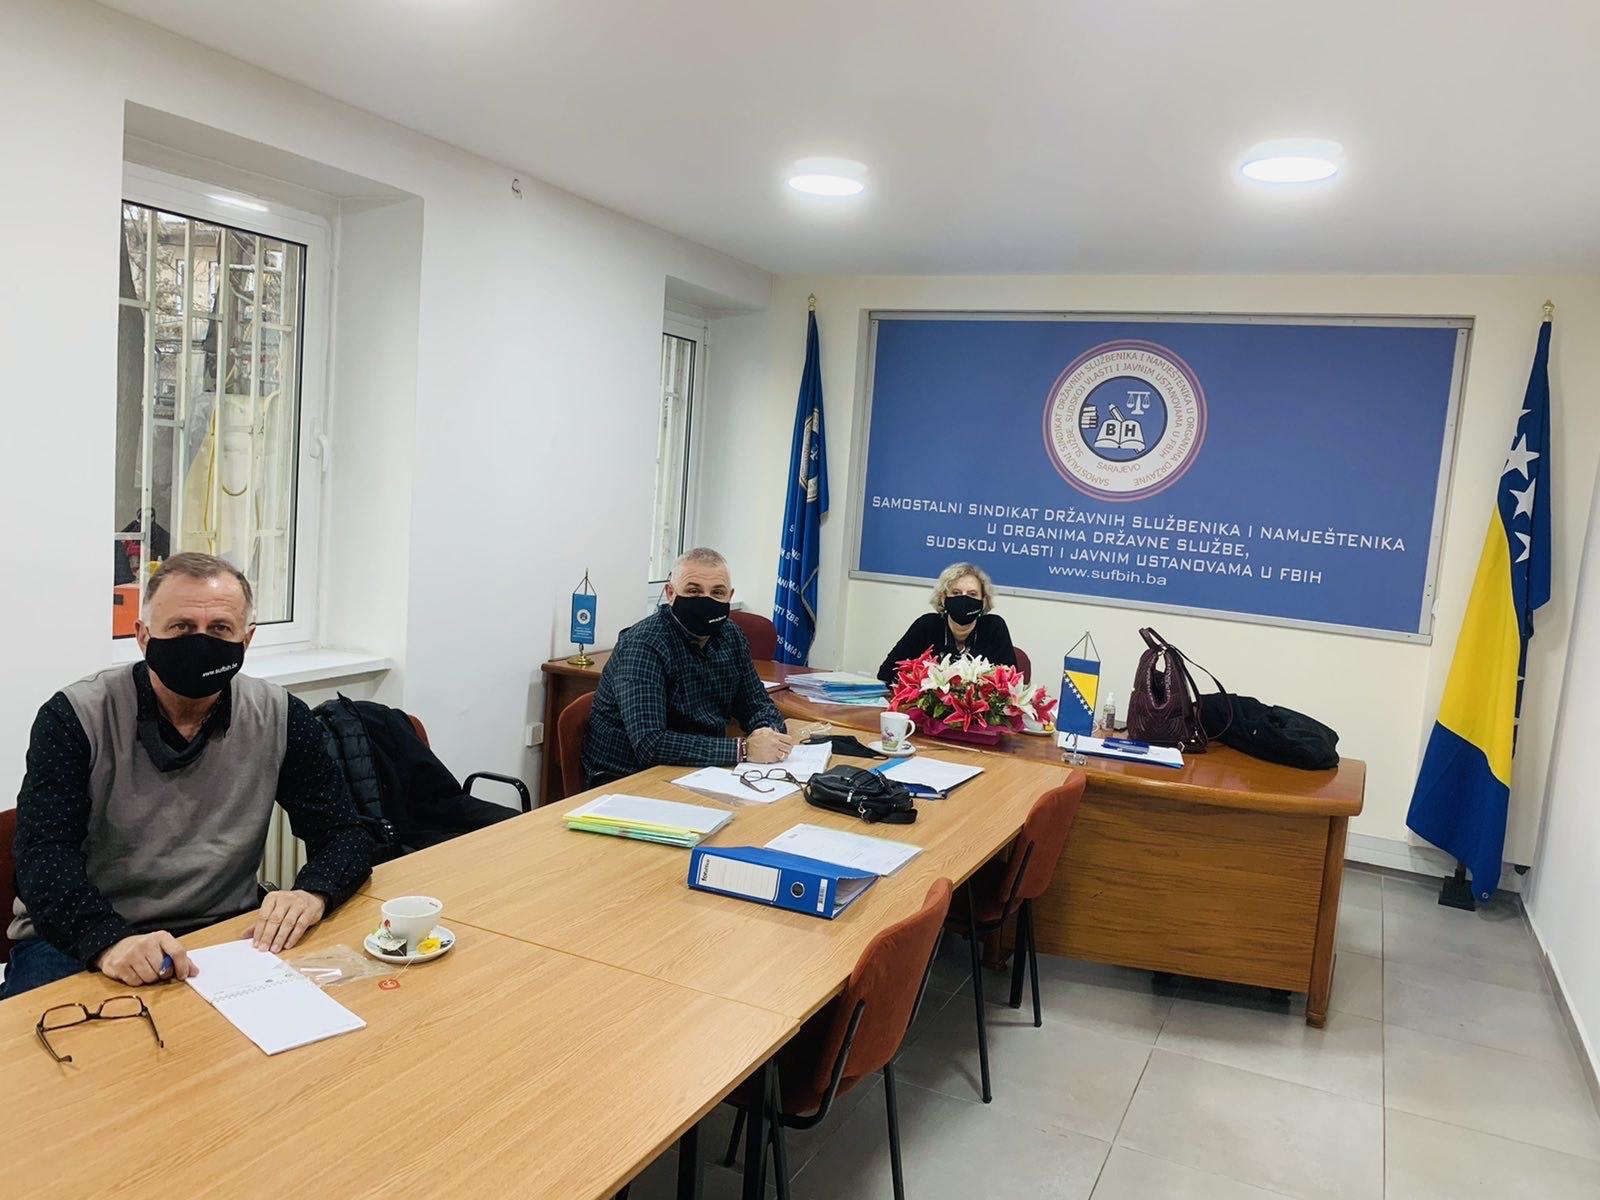 Održana Sjednica Komisije Za Dodjelu Finansijske Pomoći članovima Sindikata